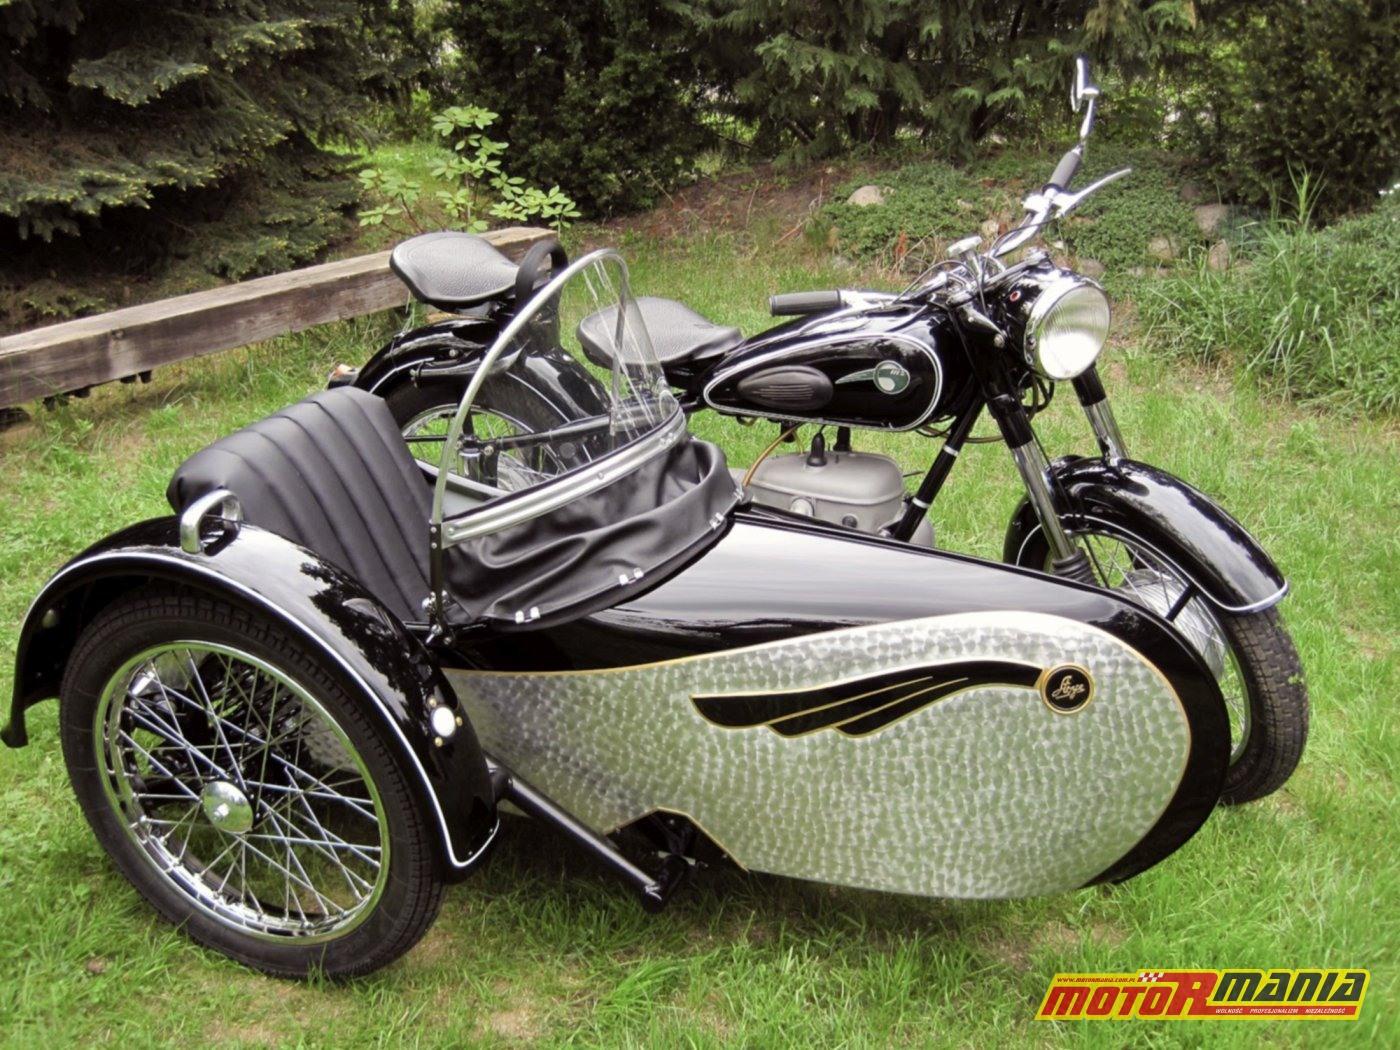 Wersja Z Wózkiem Bocznym Motormania Motocykle Skutery Newsy